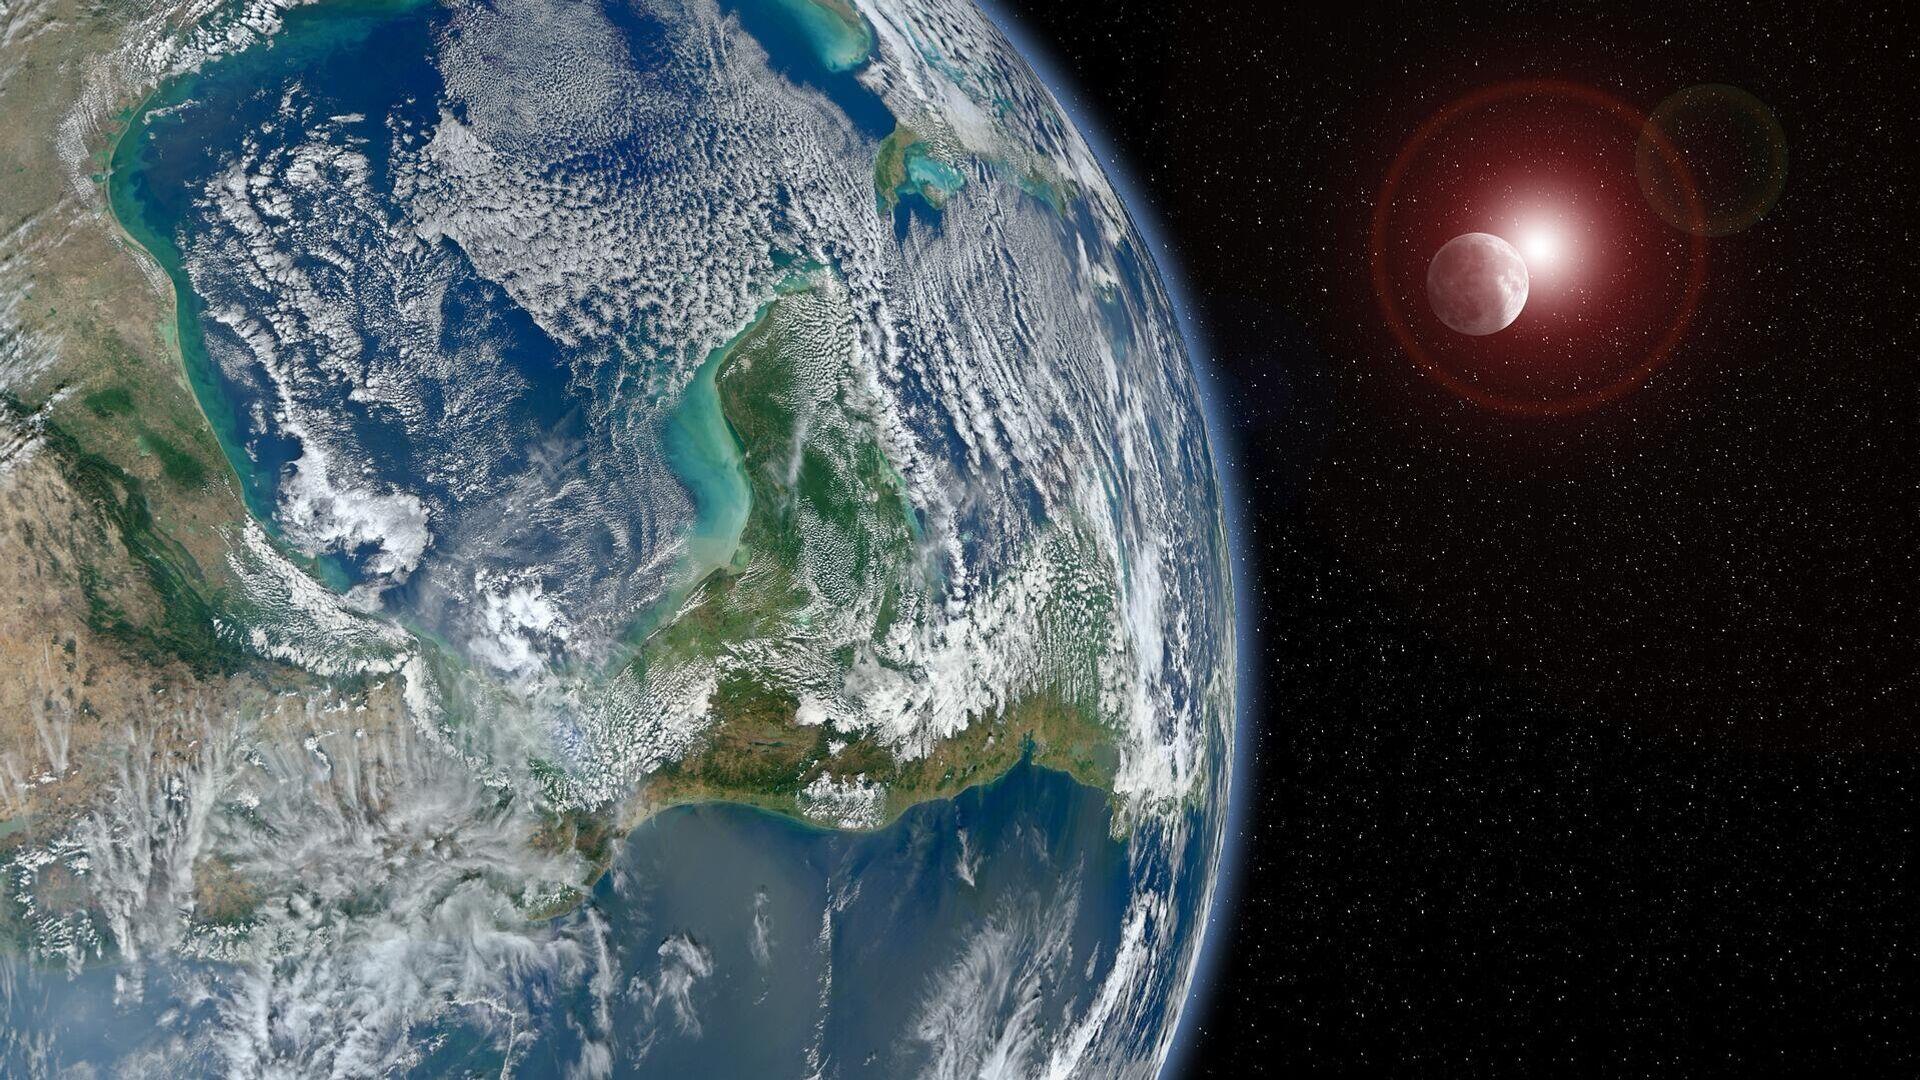 Erde (Symbolbild) - SNA, 1920, 13.10.2021